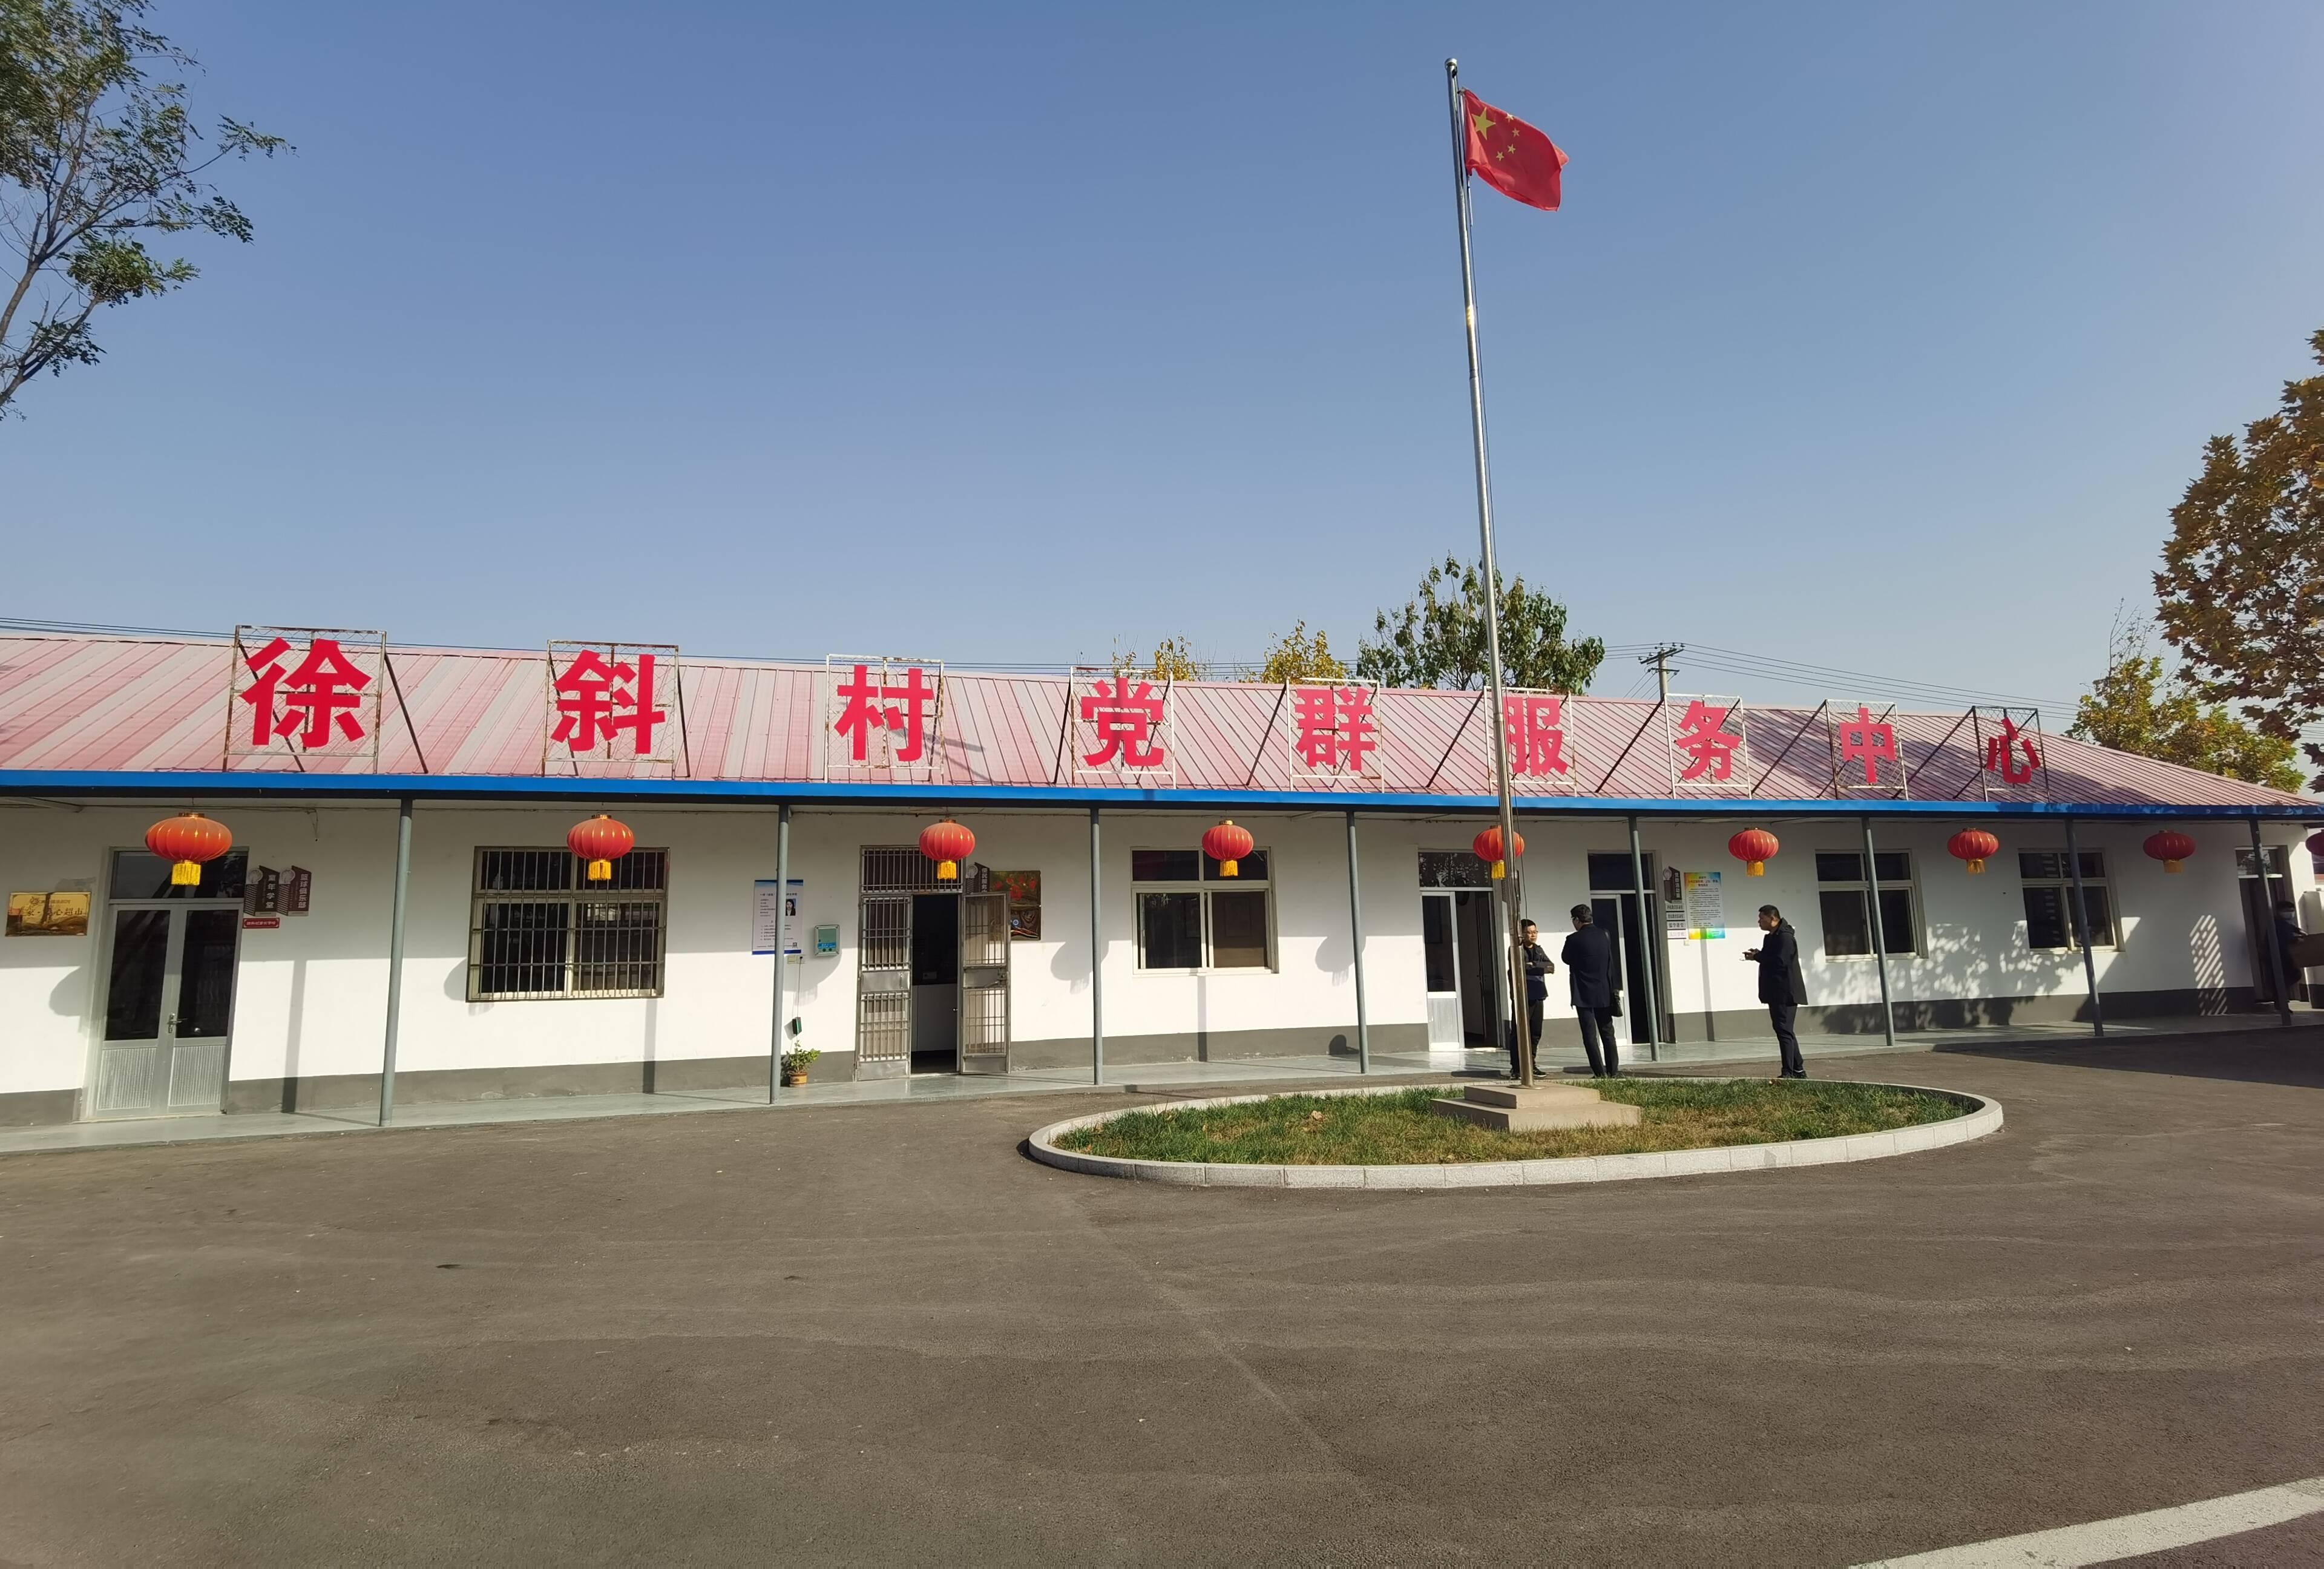 党建加网格 淄博桓台徐斜村探索农村社会治理新路径